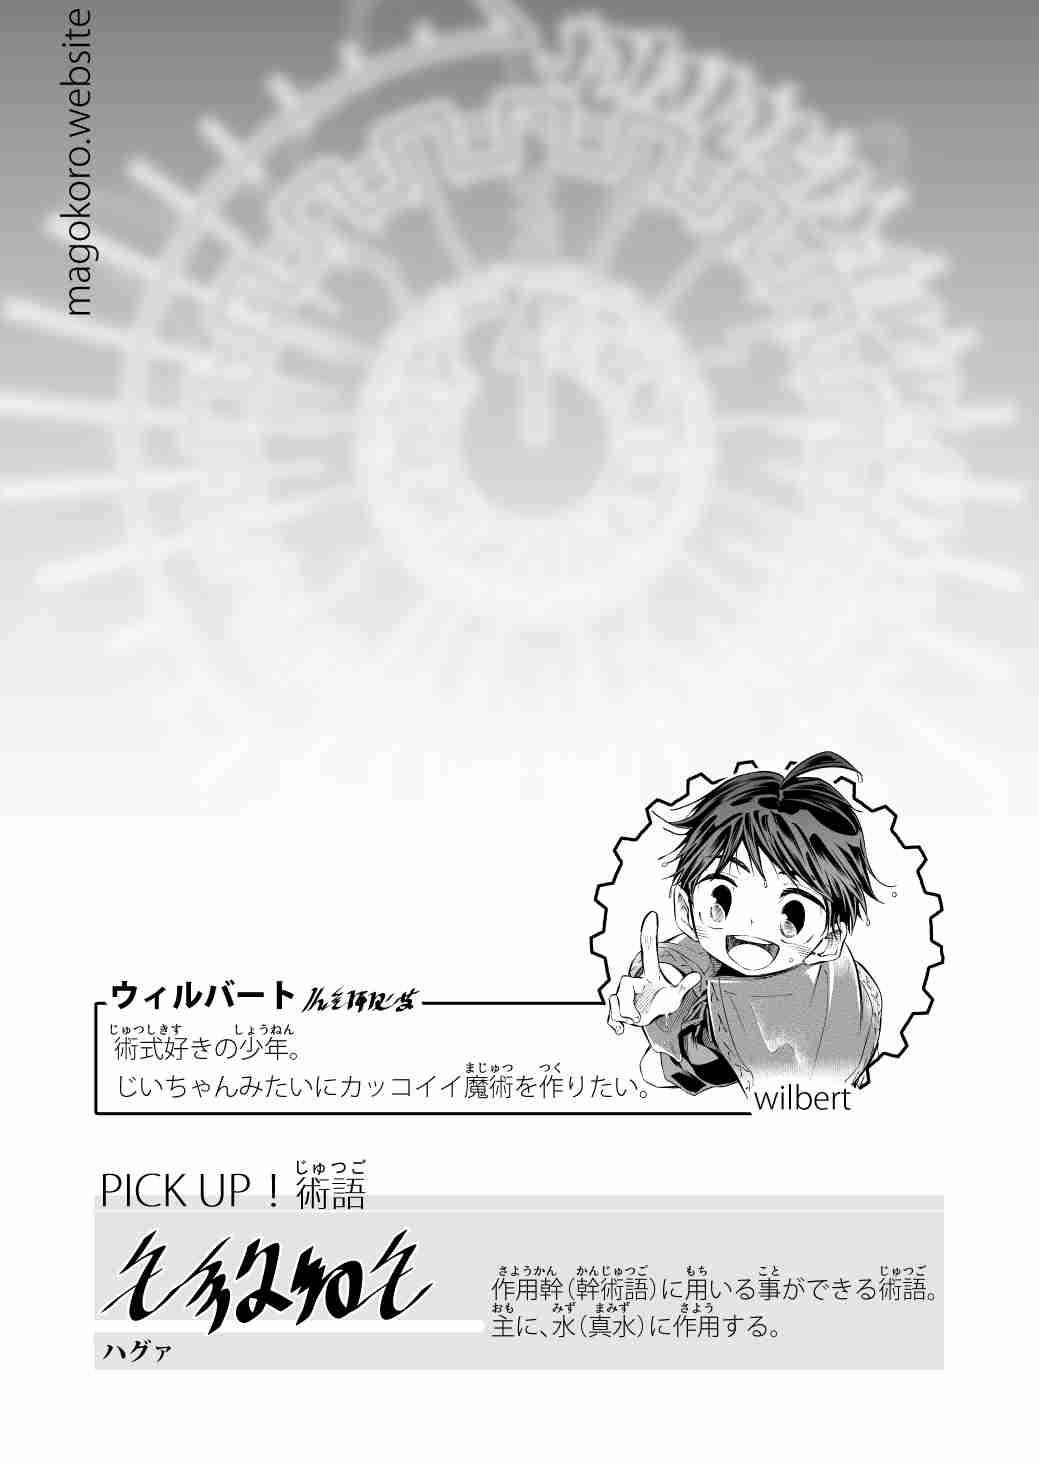 mg1-1h1_001.jpg